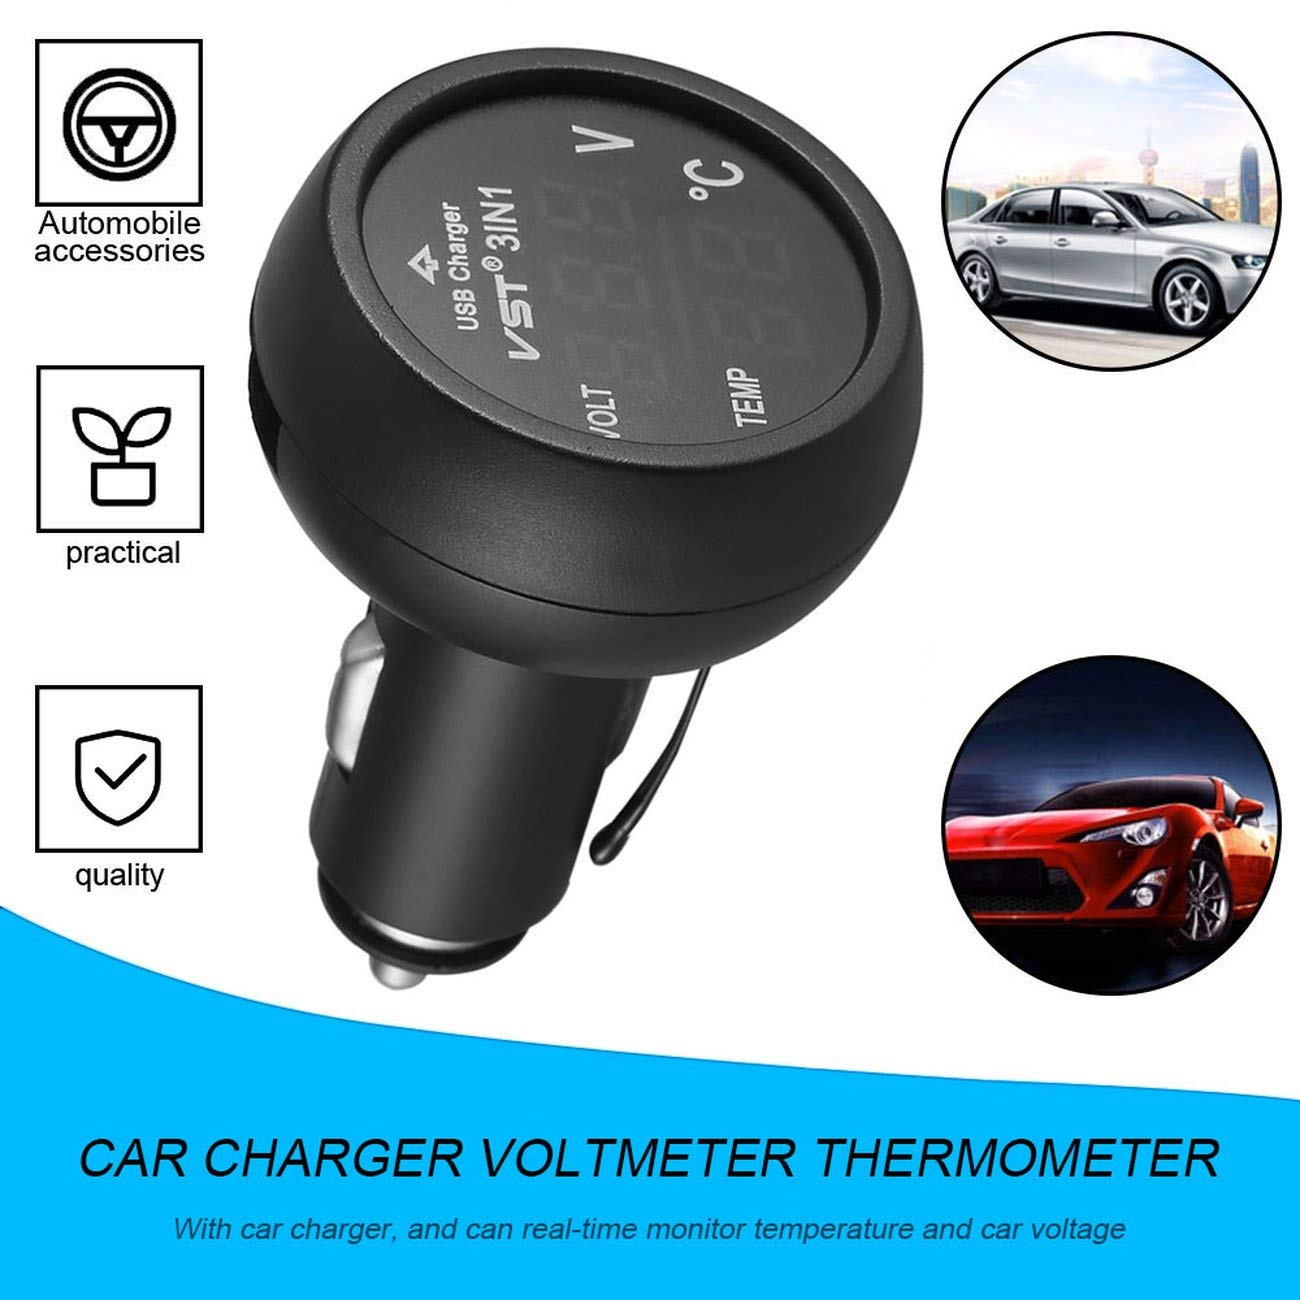 Fannty 3 en 1 num/érique LED USB Chargeur de voiture Voltm/ètre Thermom/ètre Moniteur de batterie de voiture